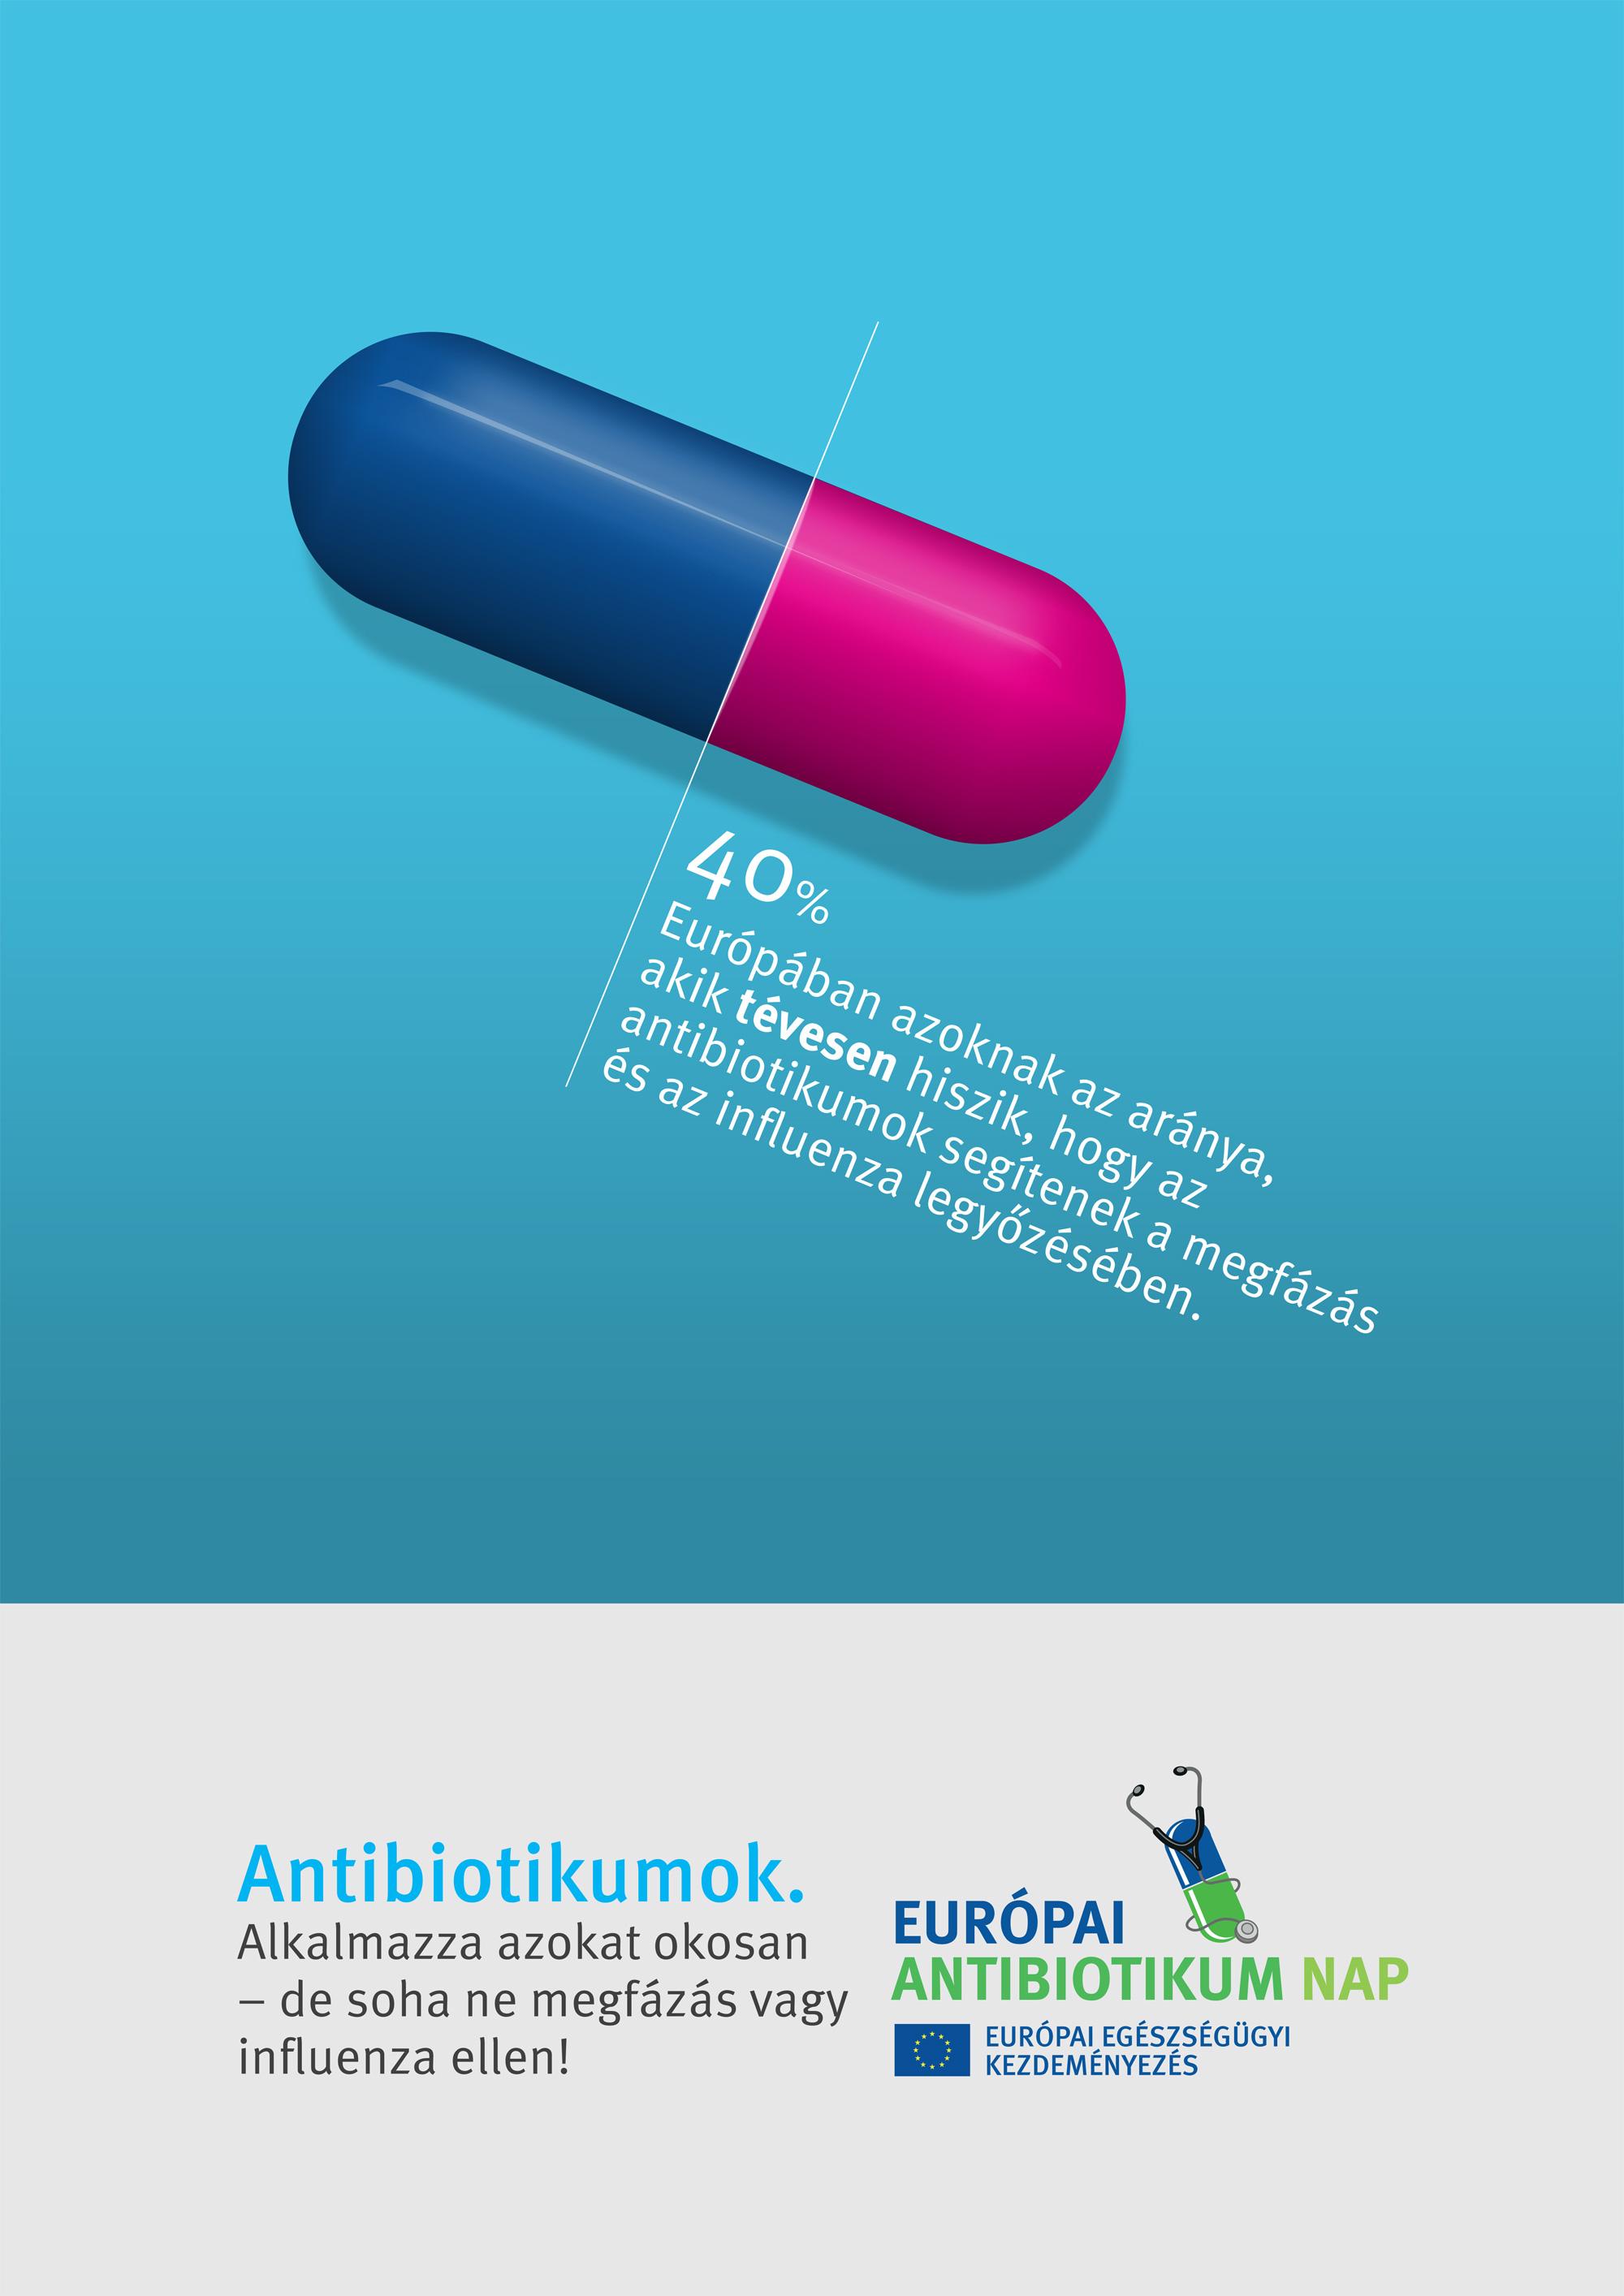 Tenyésztő táptalaj a perinatalis GBS megelőzéséhez Antibiotikum rezisztencia a giardia ellen